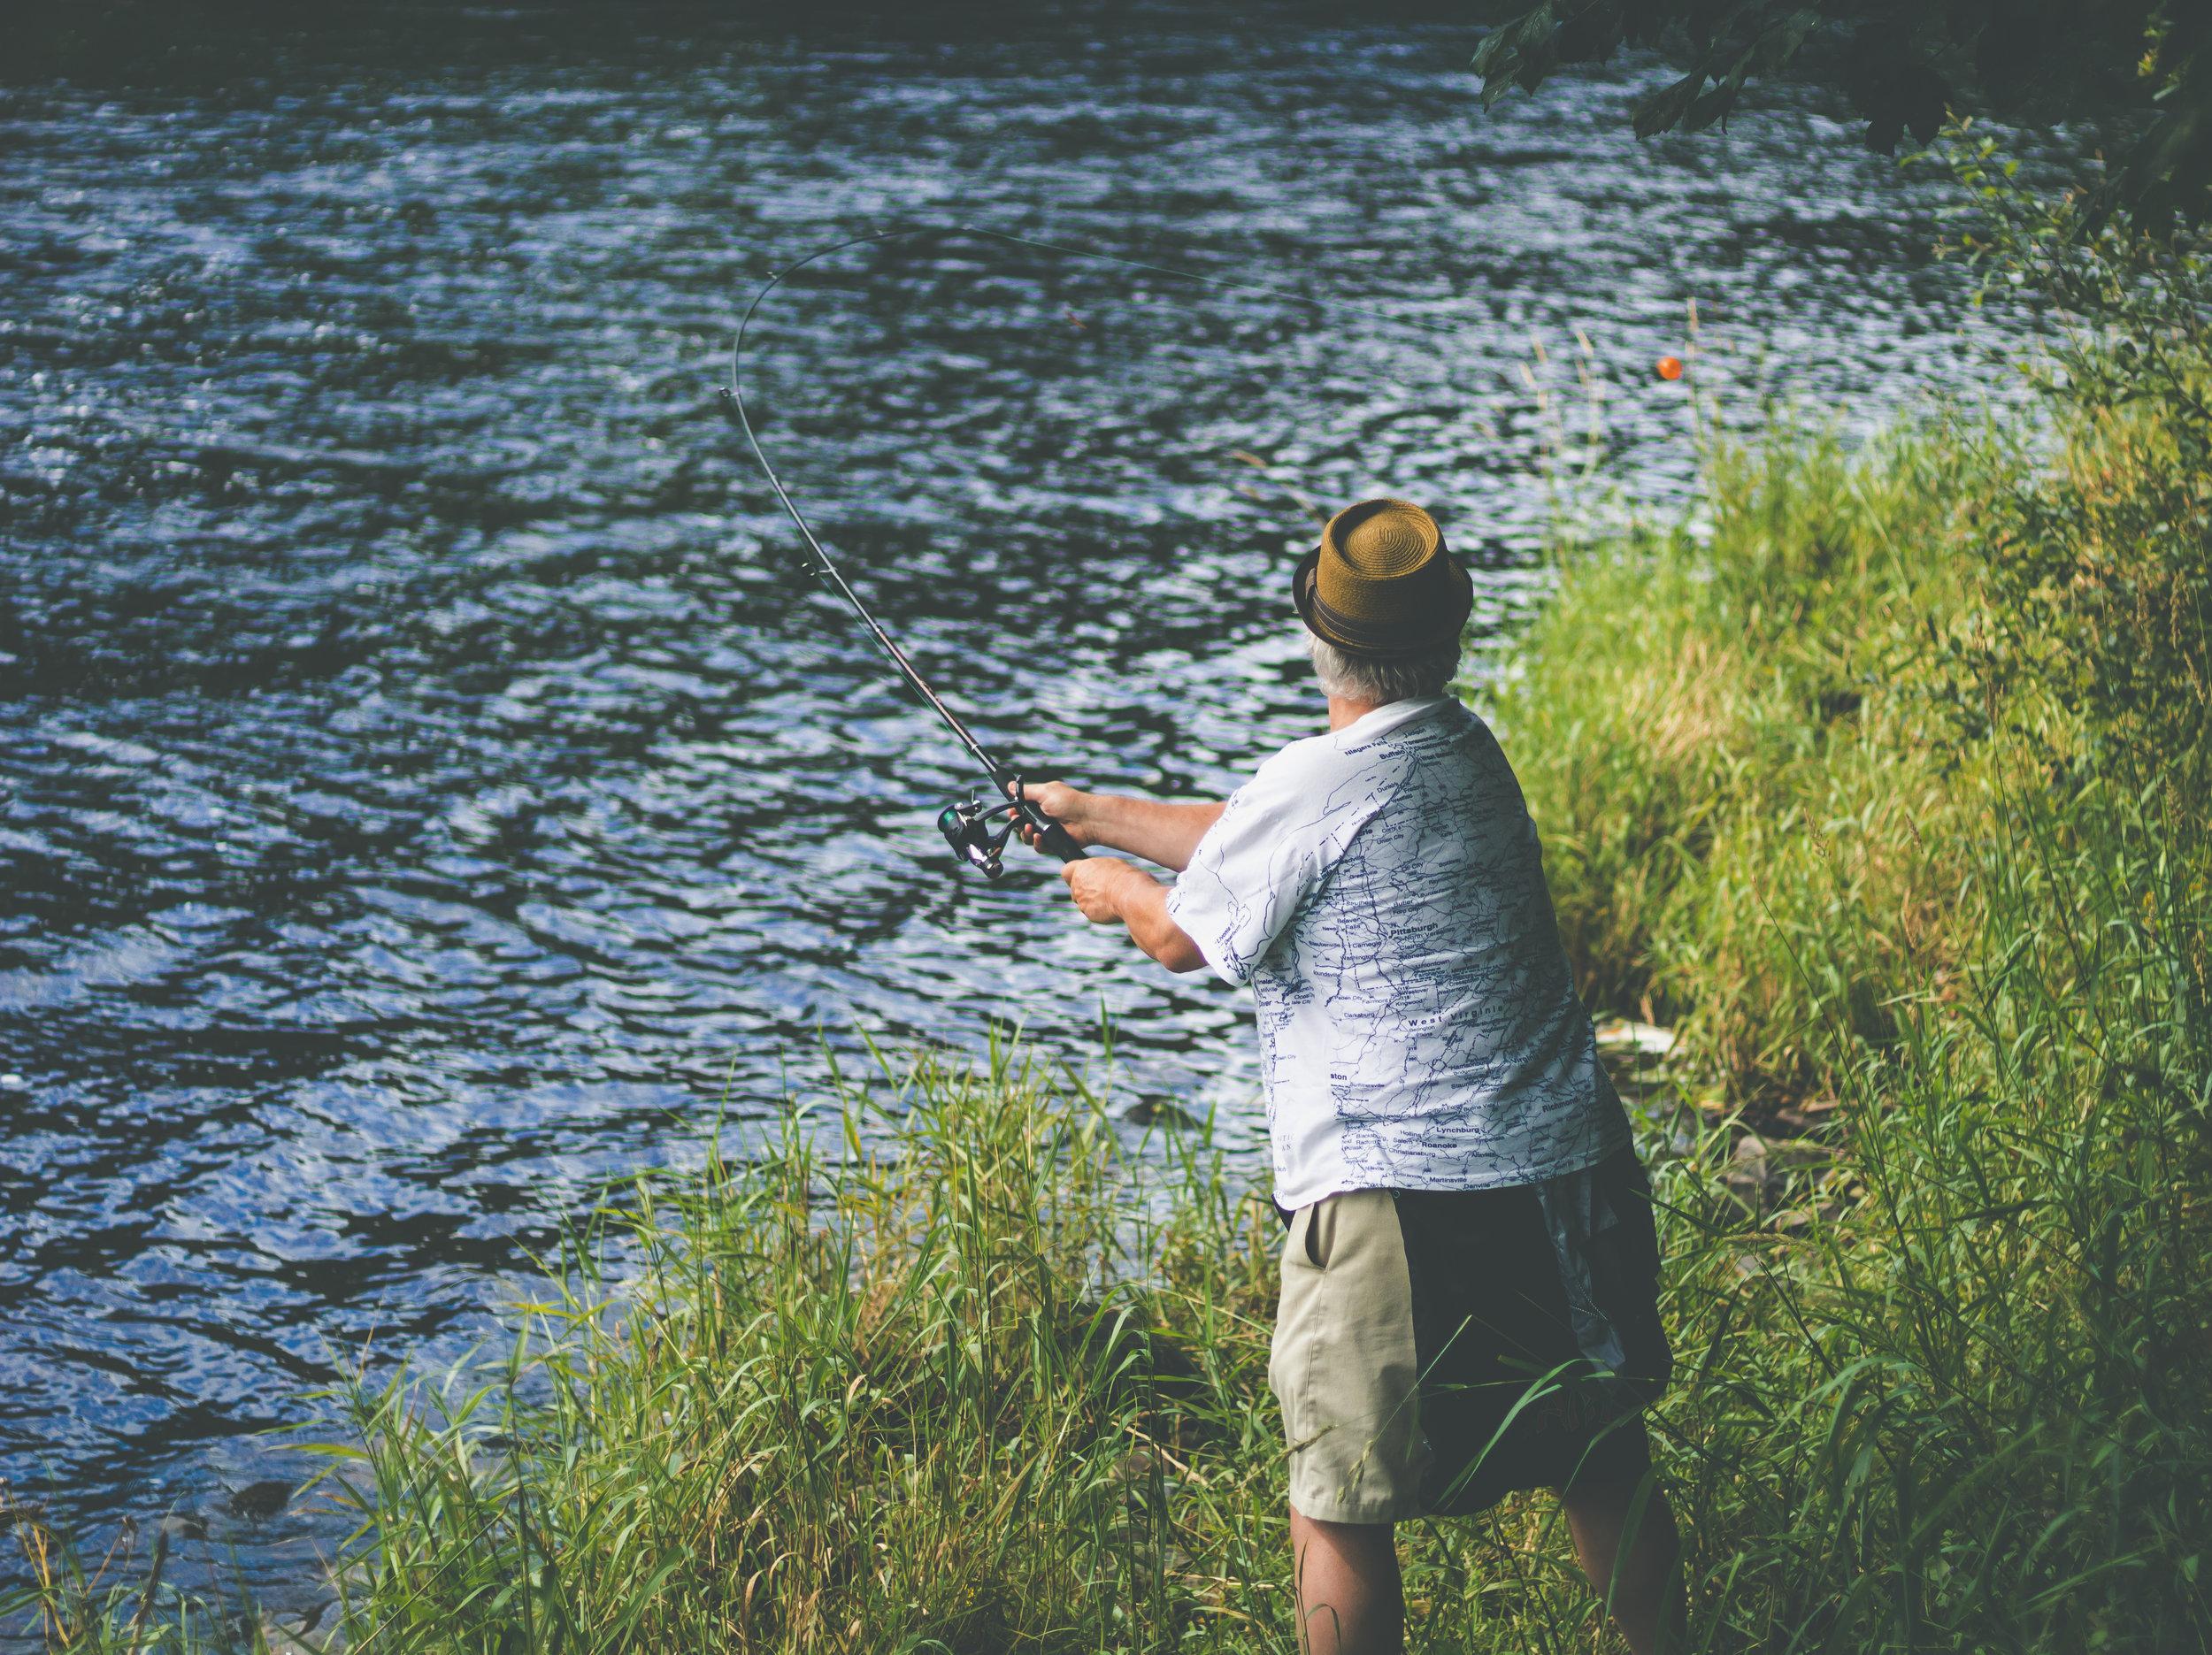 Vincent et l'école de pêche